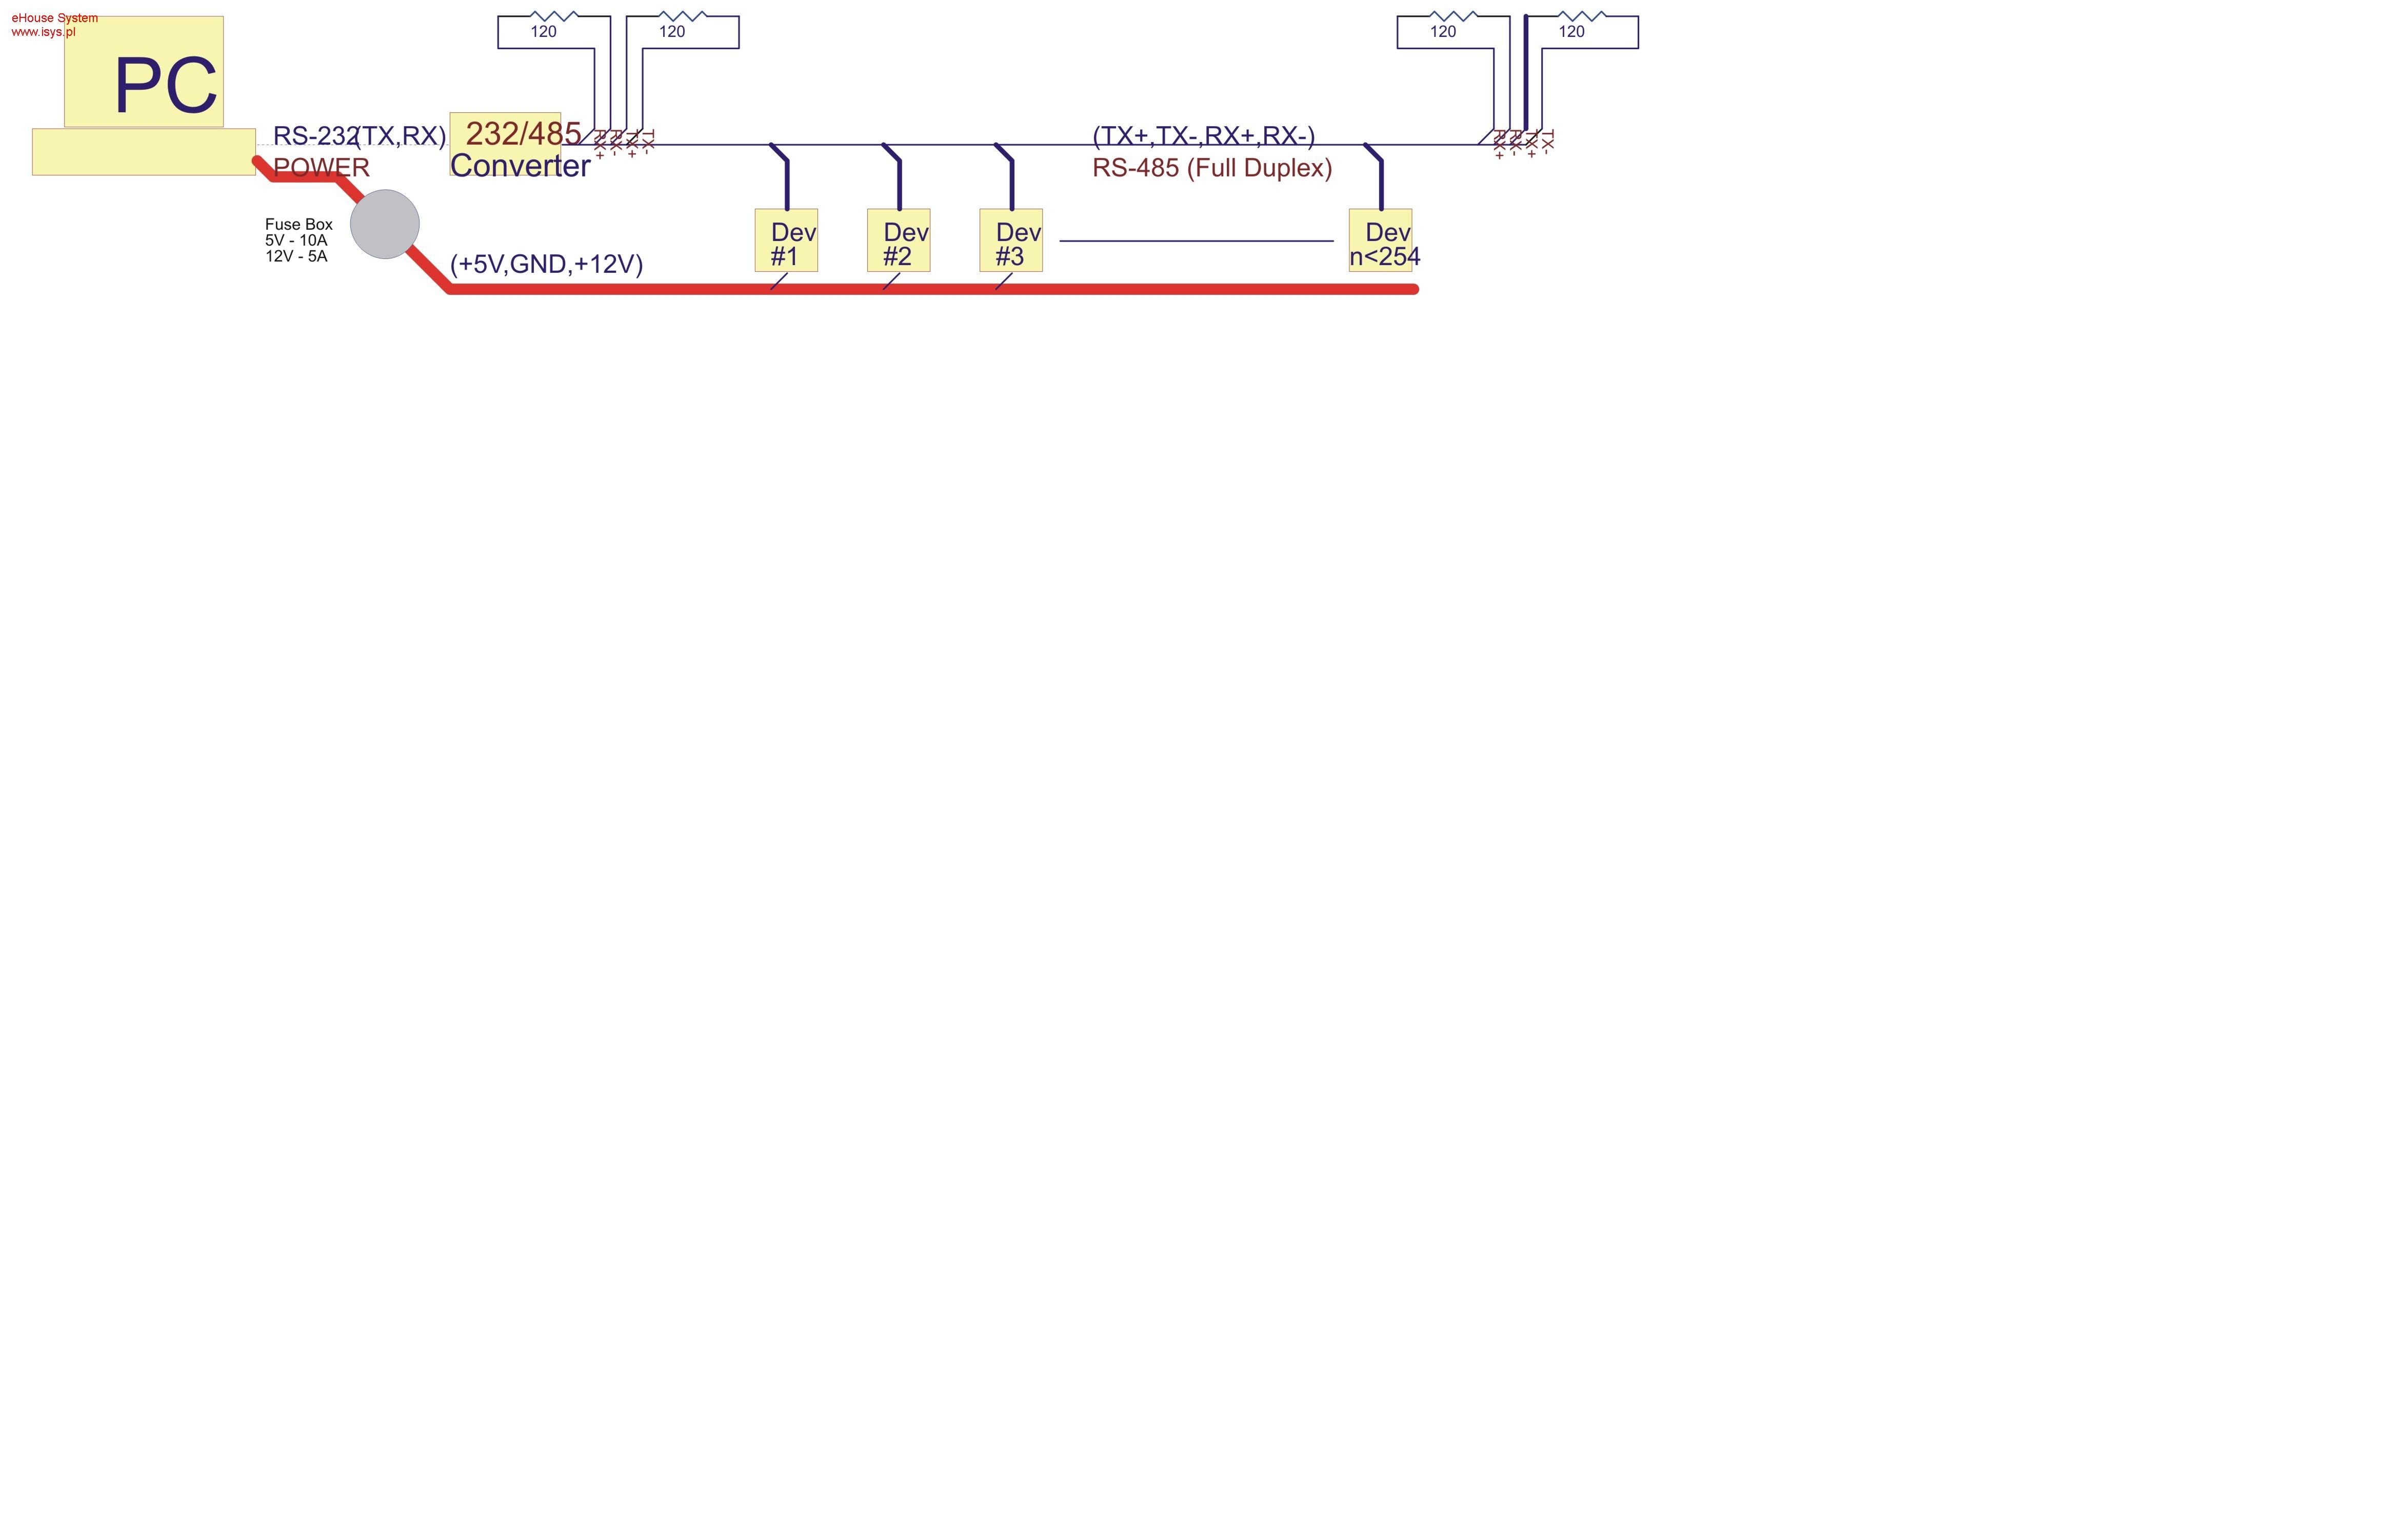 pastato automatizavimo eHouse - Prisijungia blokinė schema iš duomenų magistralės ir maitinimo vairuotojams